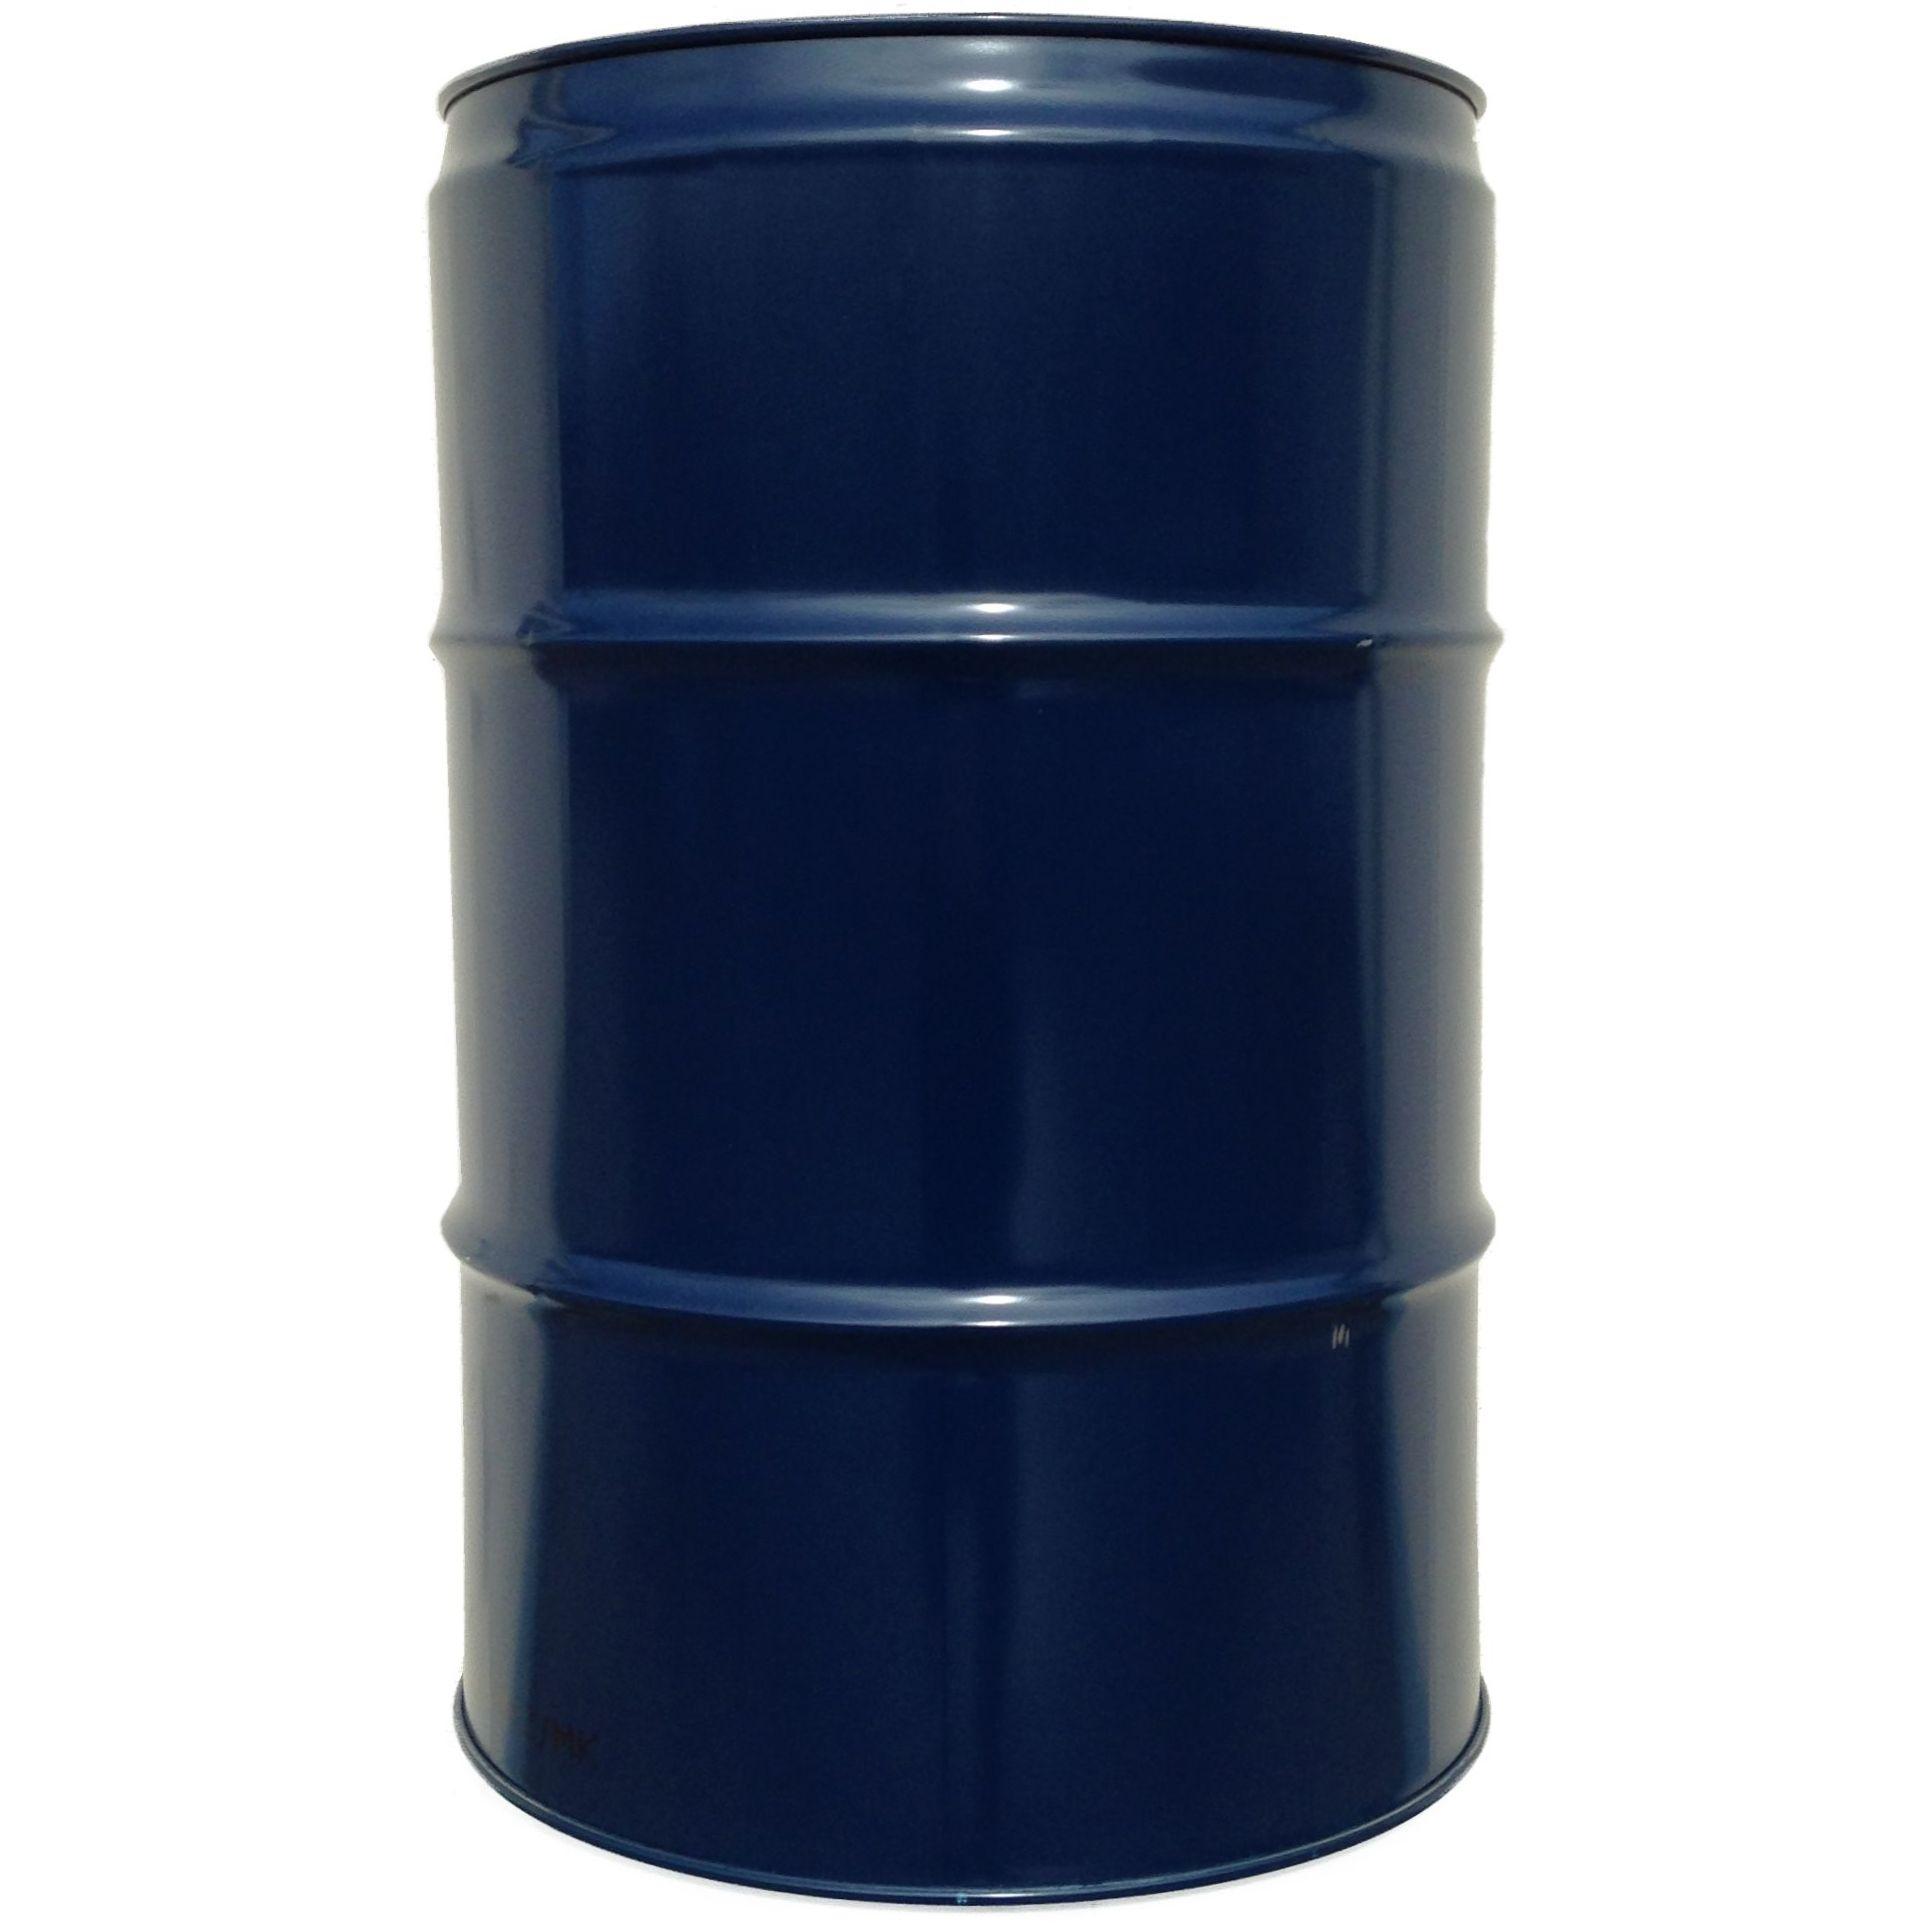 60 Liter Blechfass Stahlfass Faß Garagenfaß Ölfass Metallfass Tonne *NEU* Blau